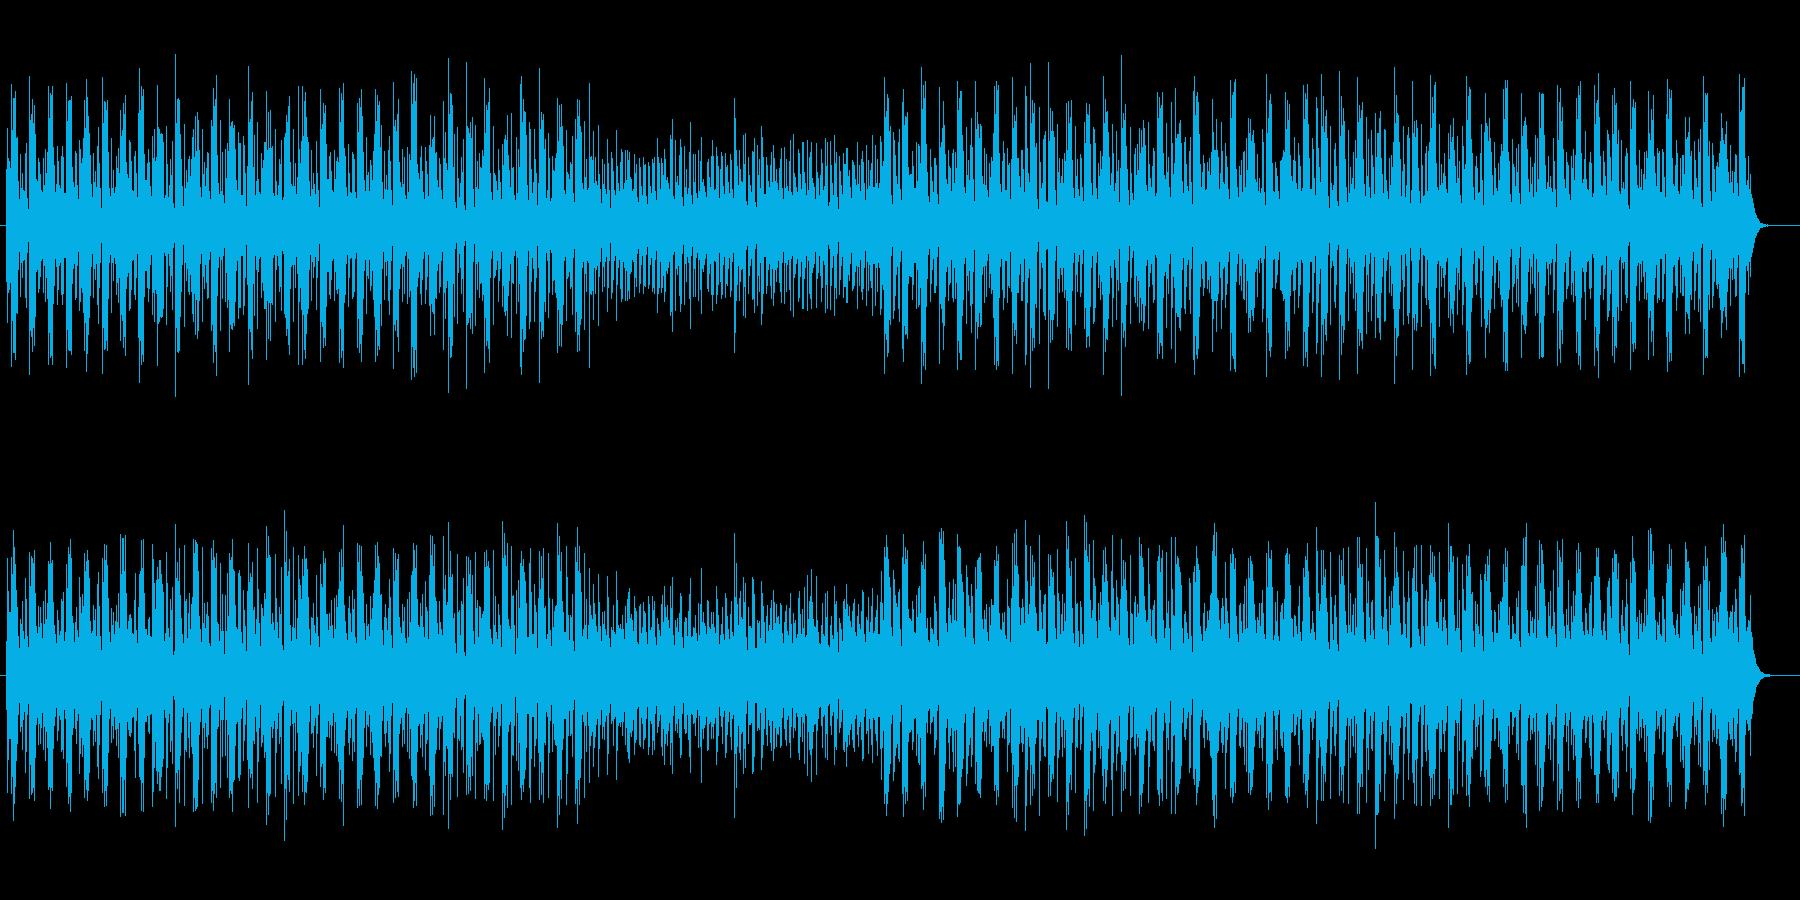 神秘的でファンタジーなシンセサウンドの再生済みの波形